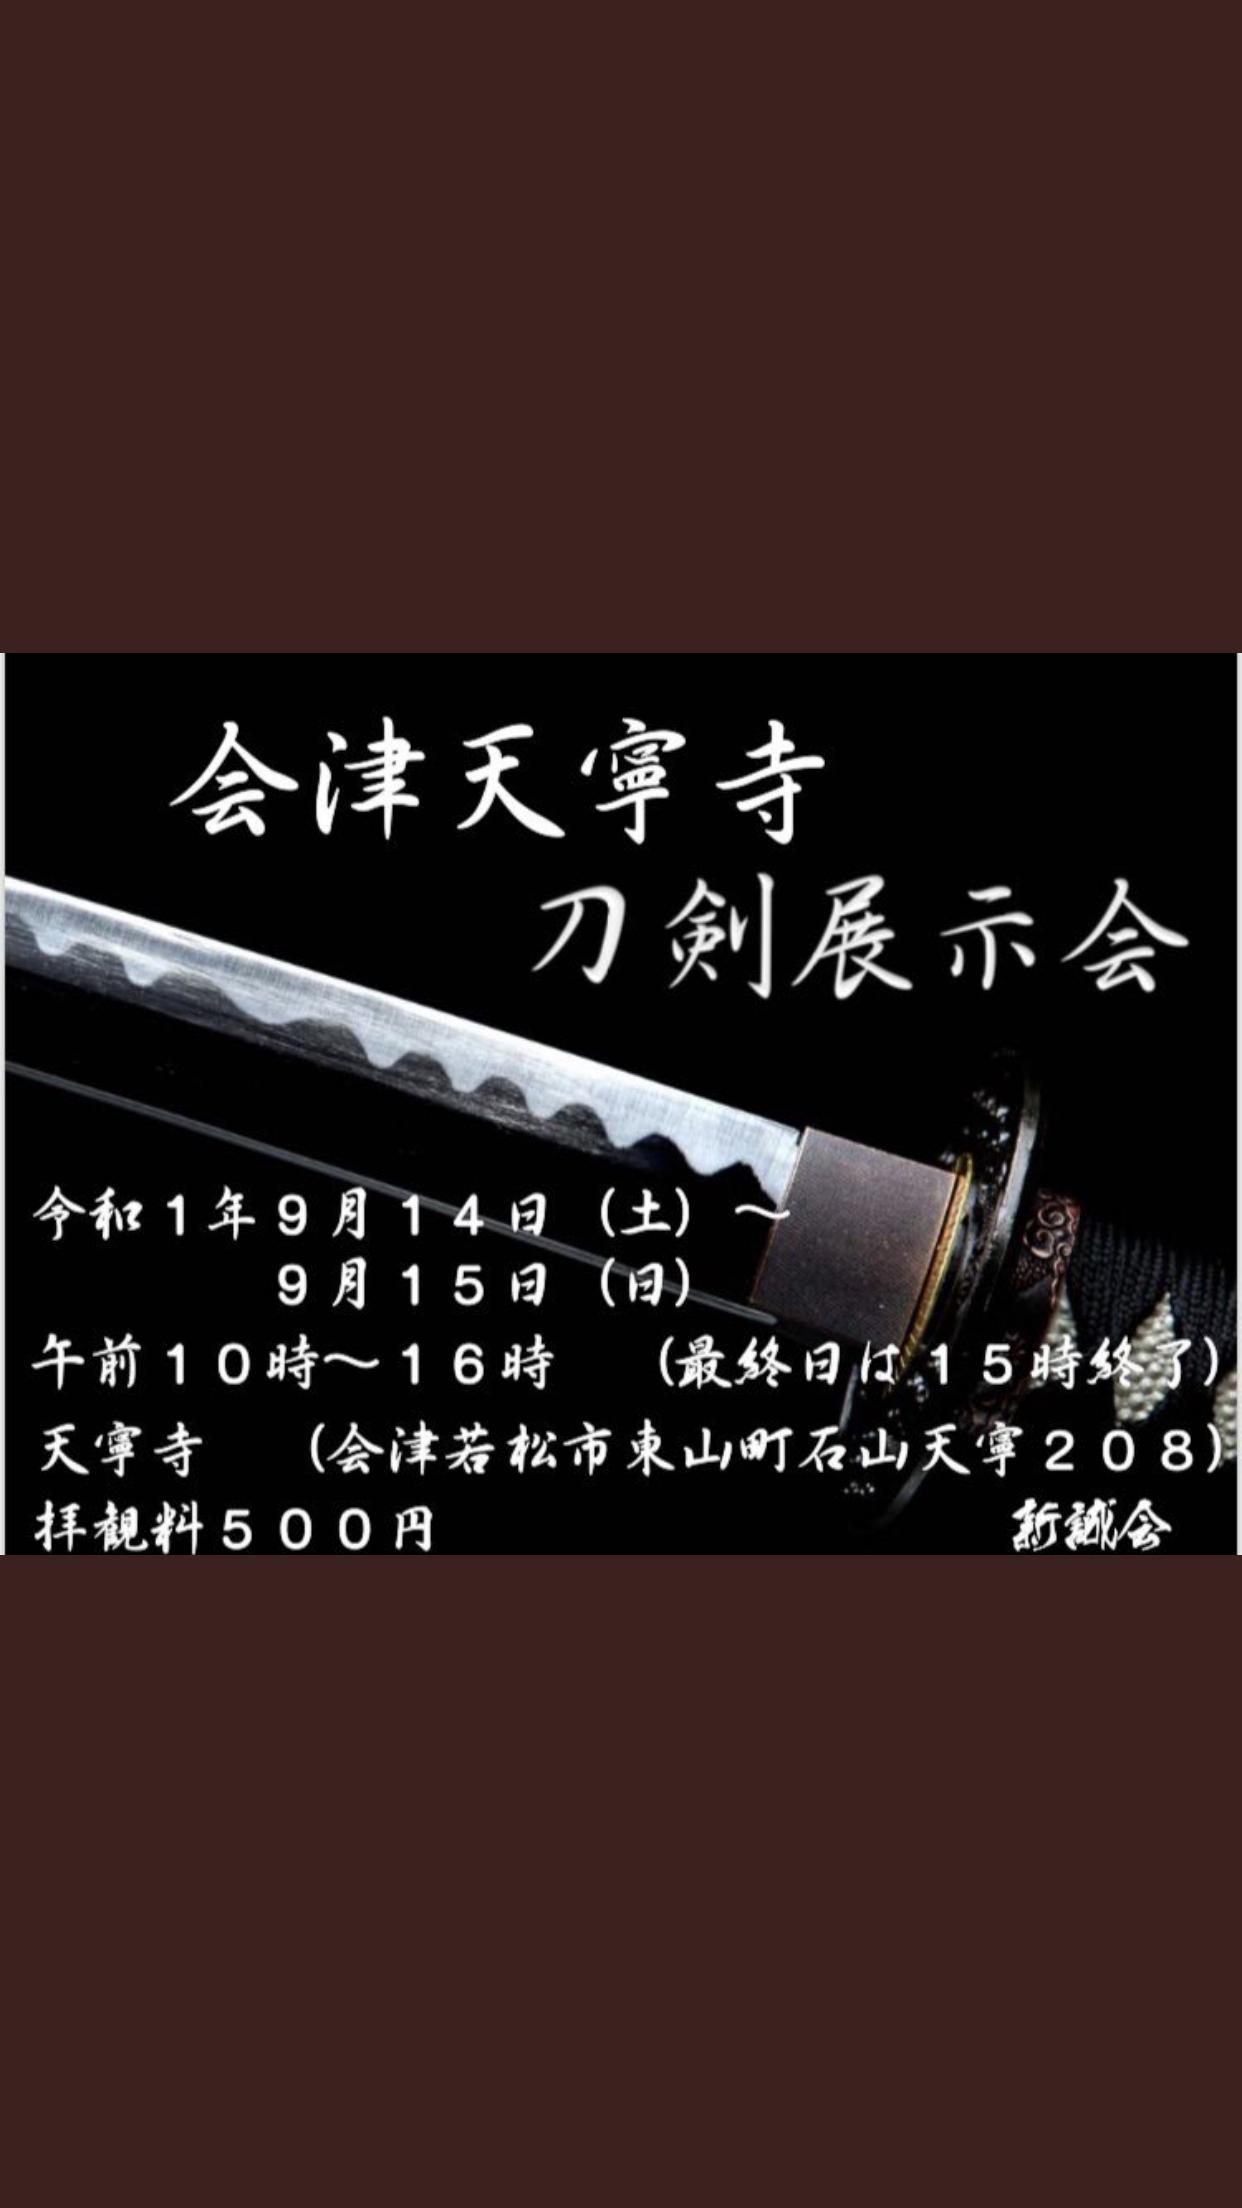 会津天寧寺 刀剣展示会開催!